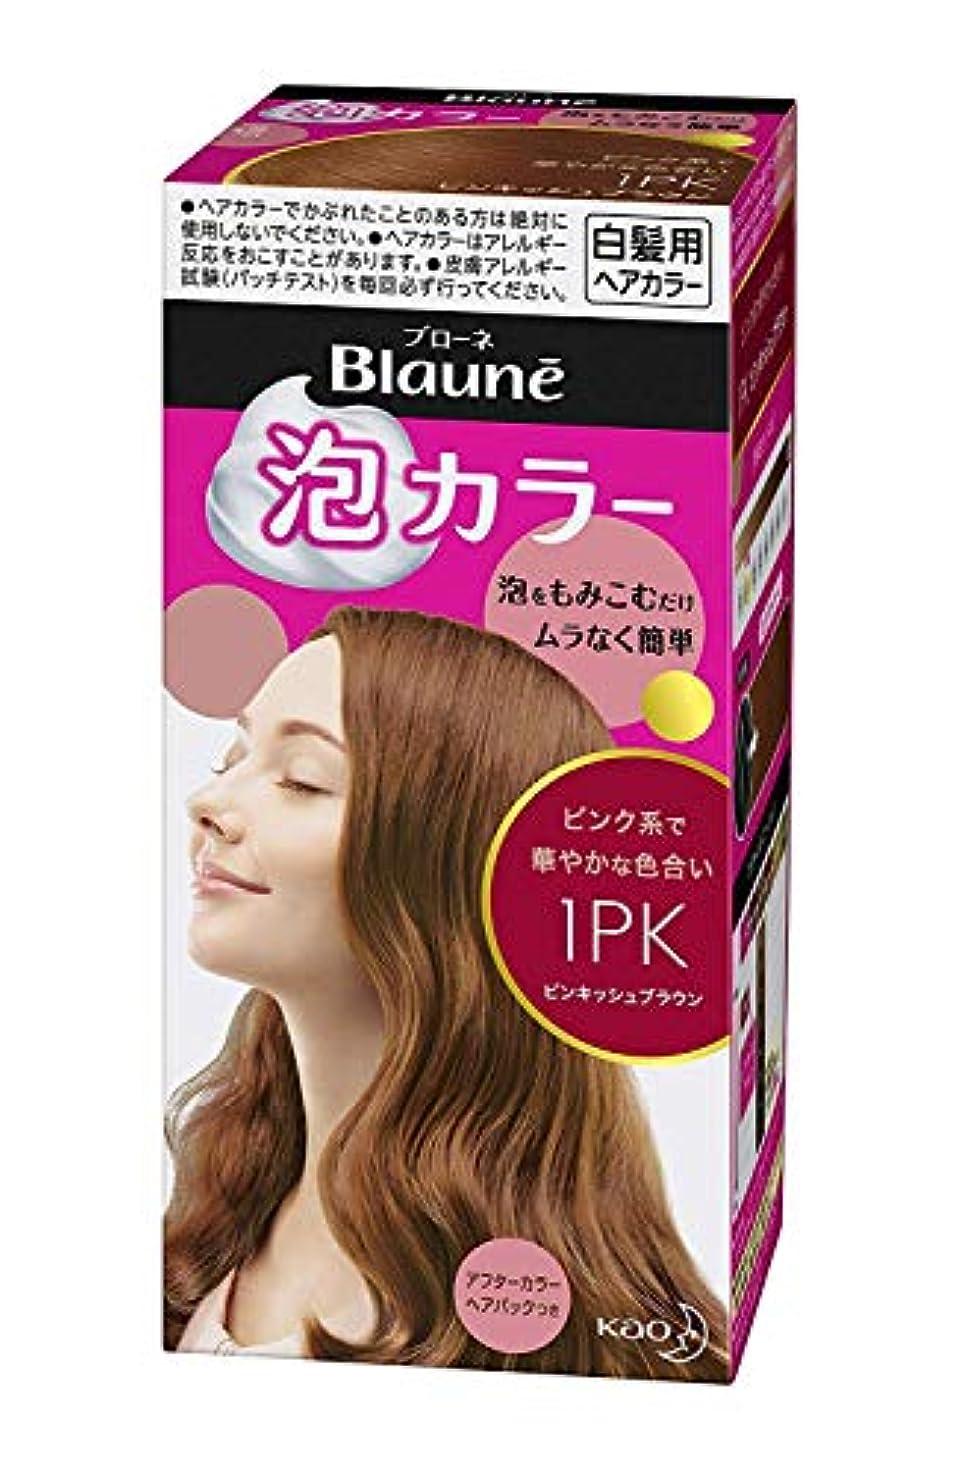 イースタースロープシャイ【花王】ブローネ泡カラー 1PK ピンキッシュブラウン 108ml ×20個セット